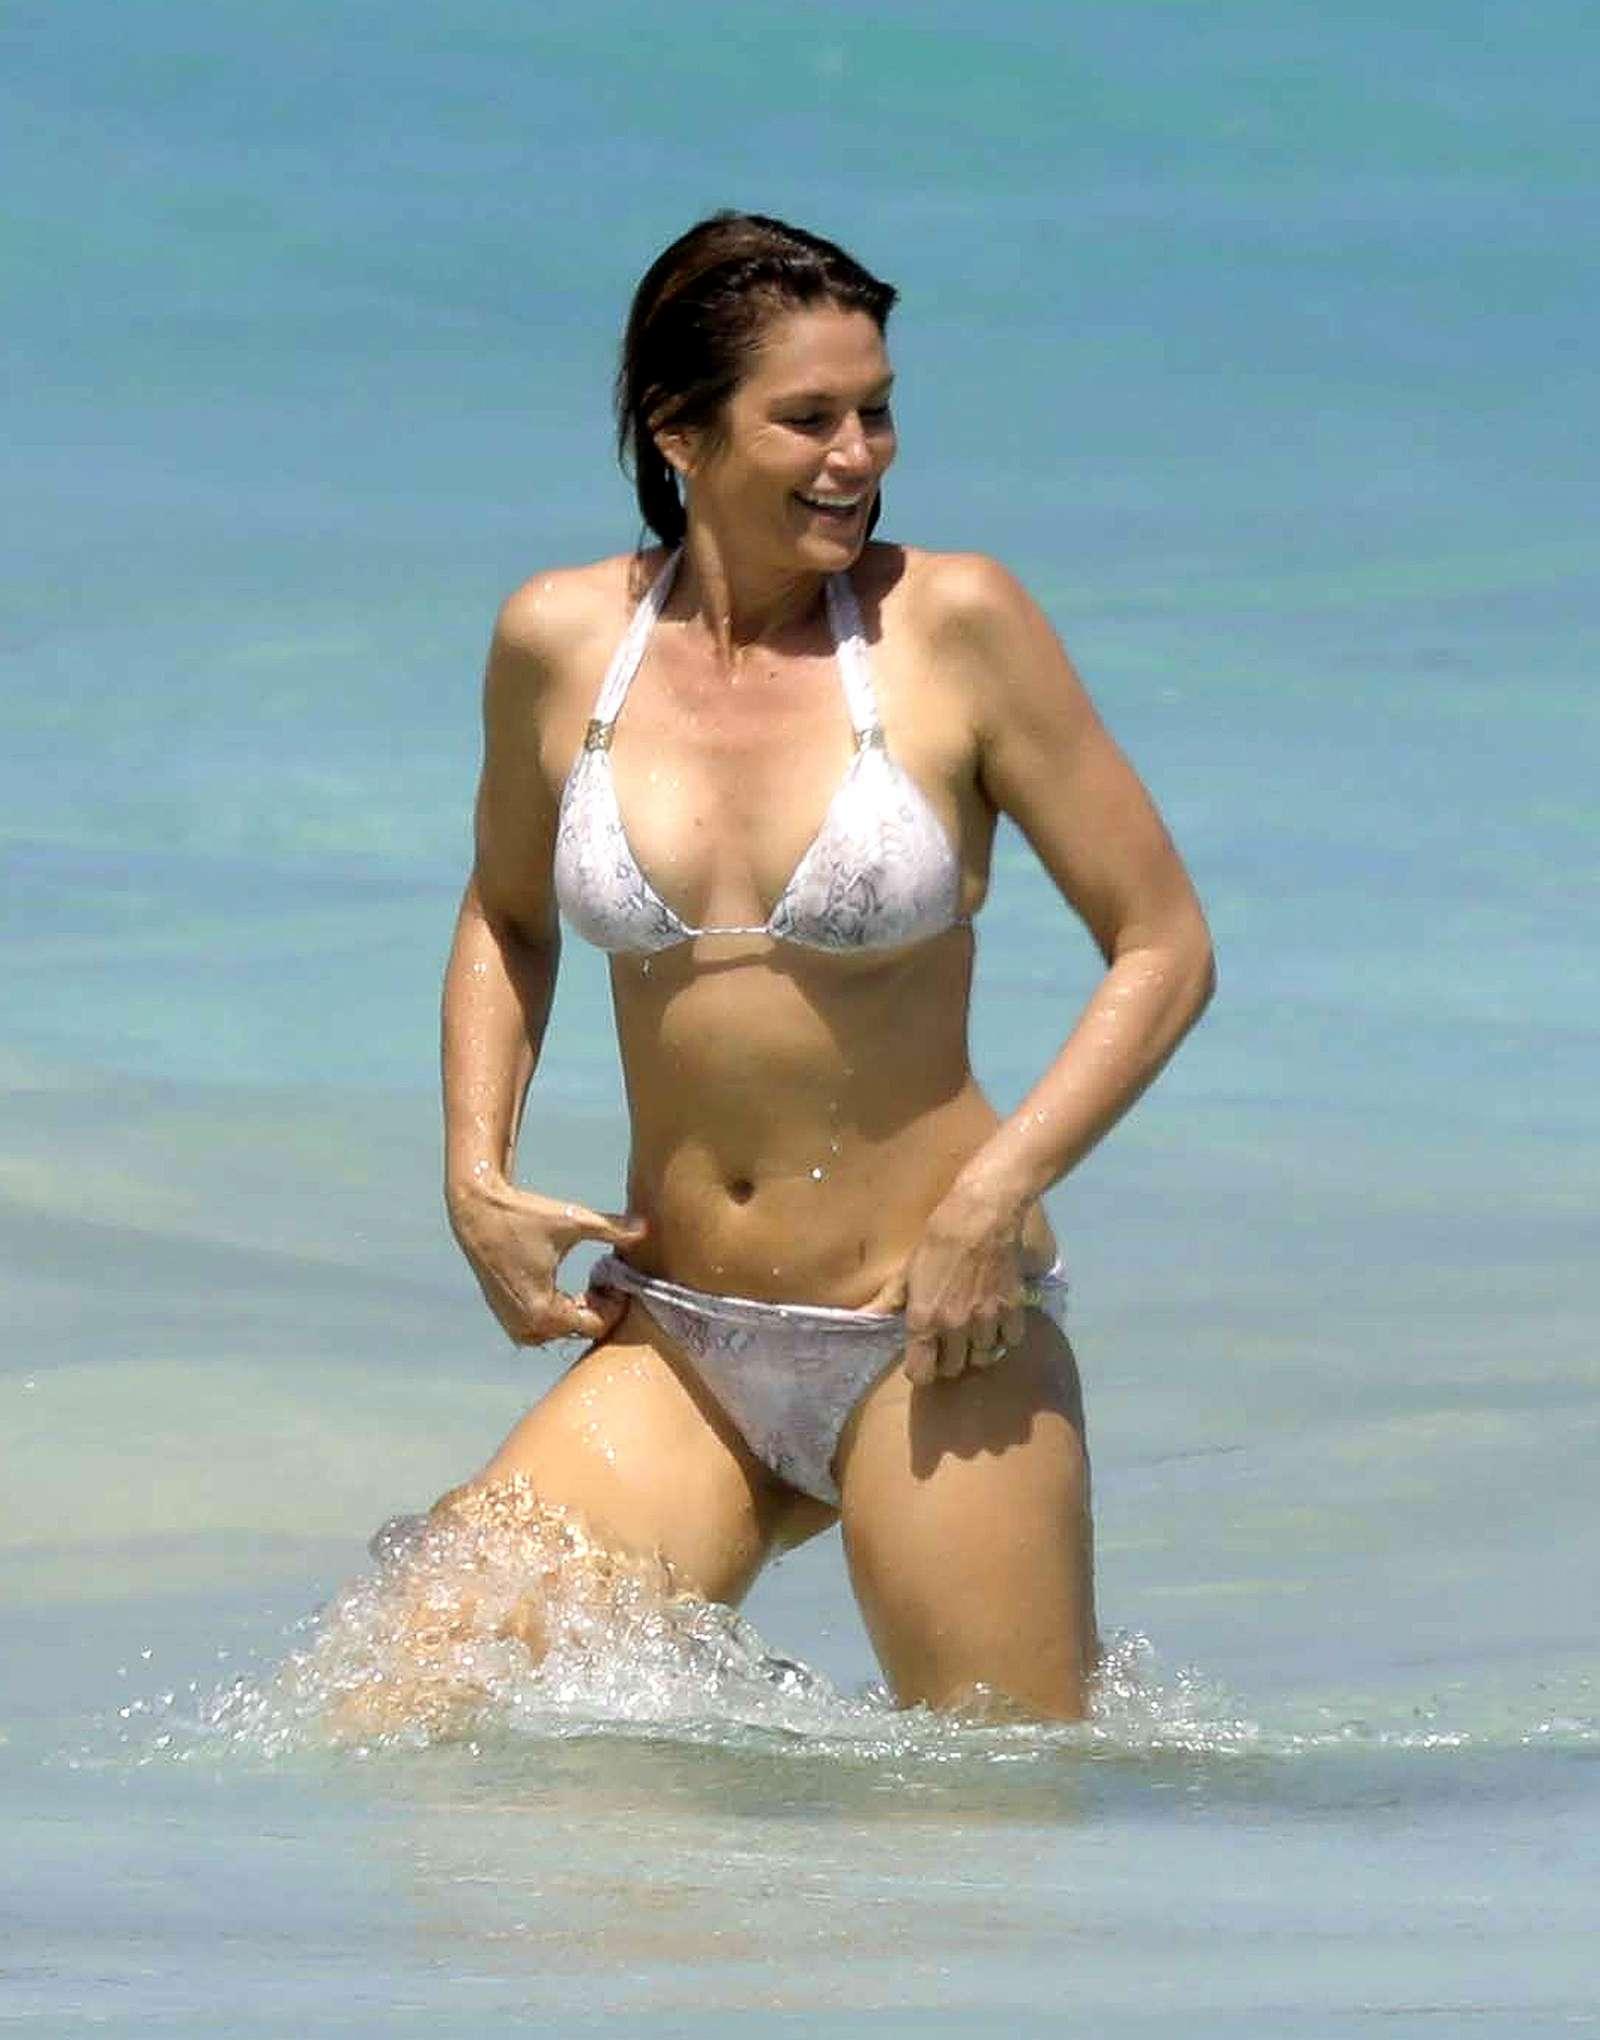 Cindy Crawford Bikini Bodies